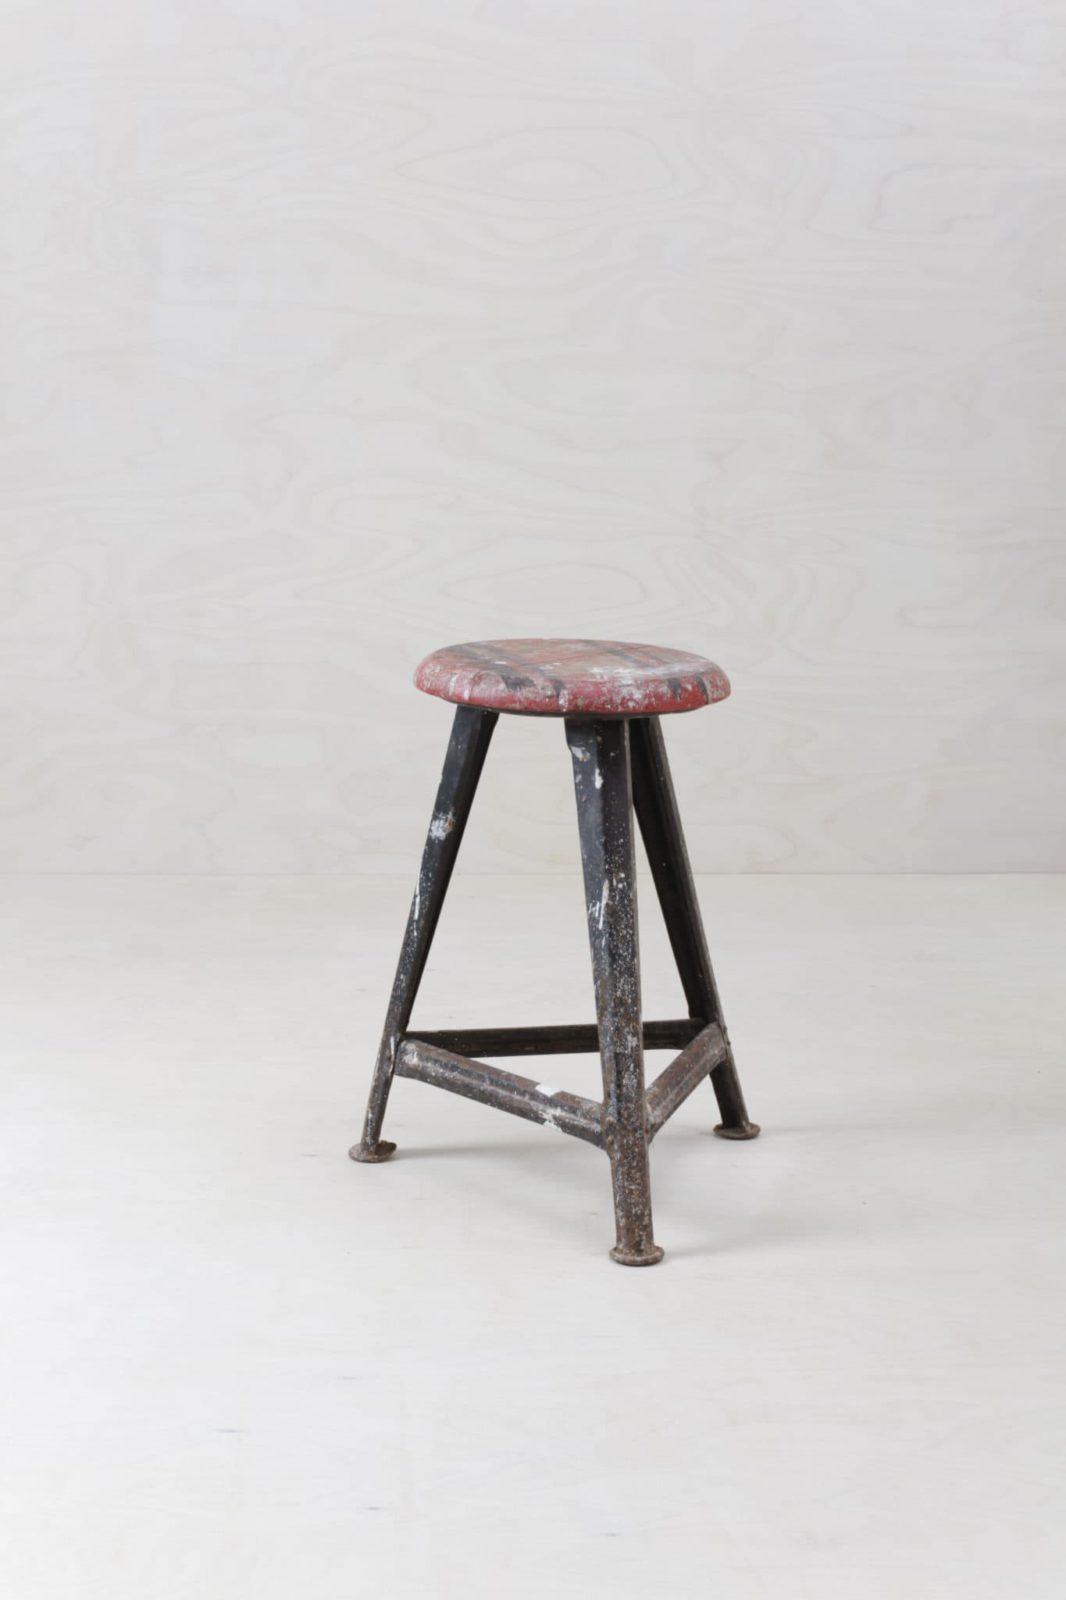 Hocker Alarico Vintage Rowac | Original Rowac Hocker für den beliebten Industrial Look. | gotvintage Rental & Event Design